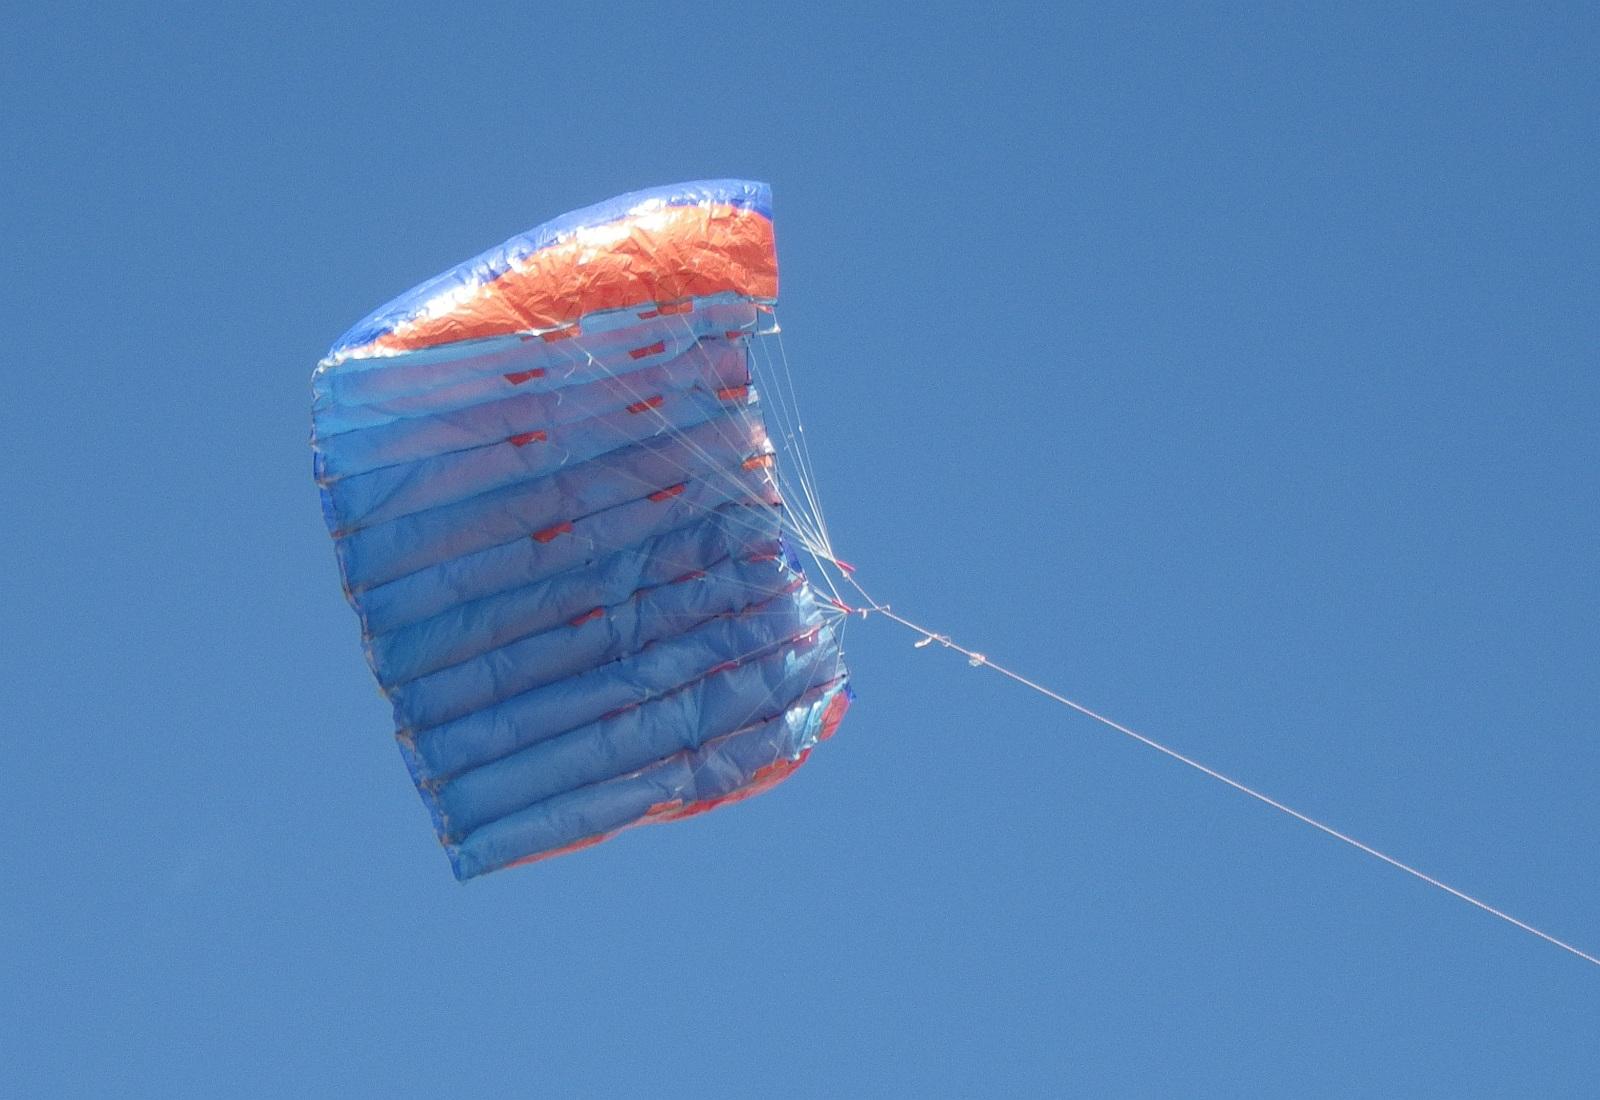 MBK Parachute kite 1 - 4.